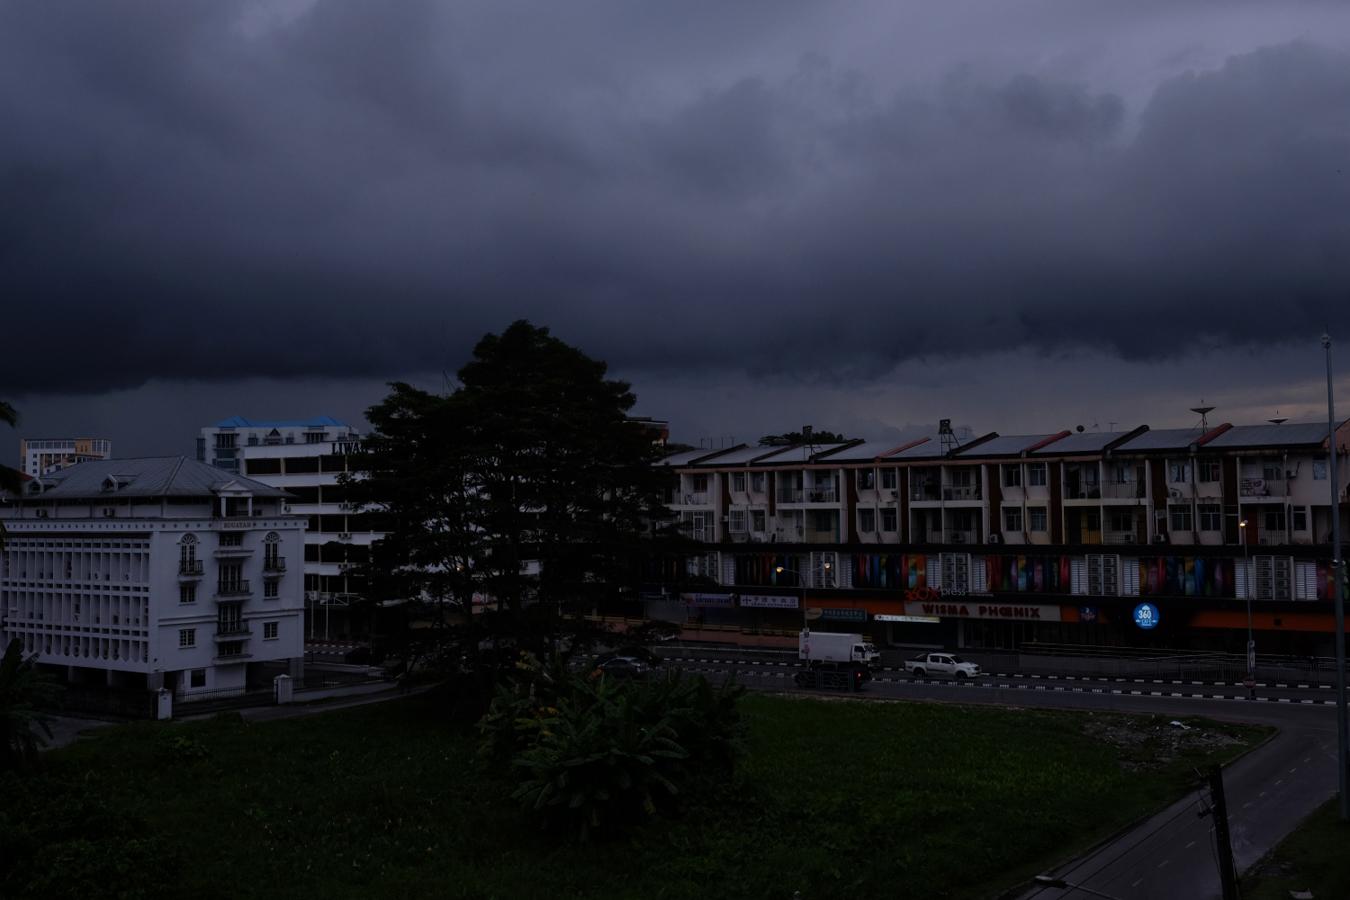 der Blick aus unserem Hostel, es wird ungemütlich…